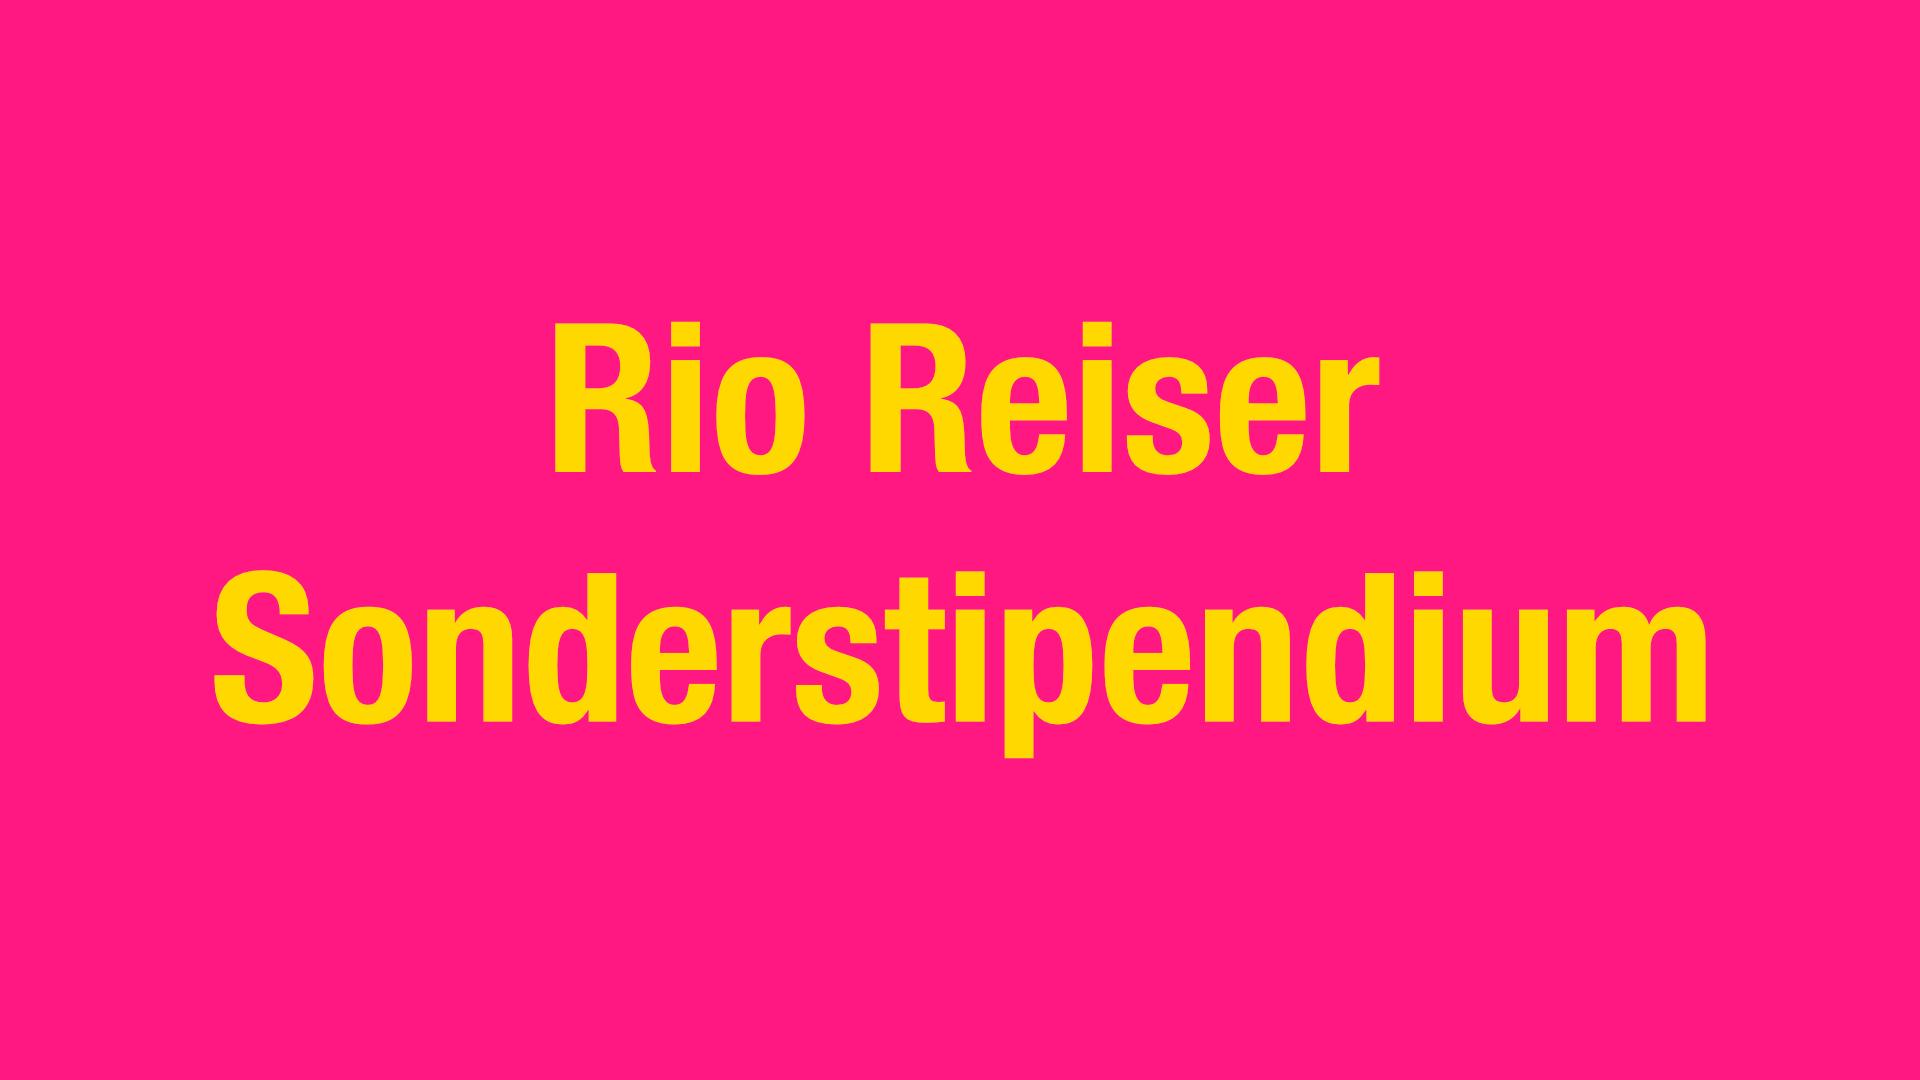 Rio Reise Sonderstipendium